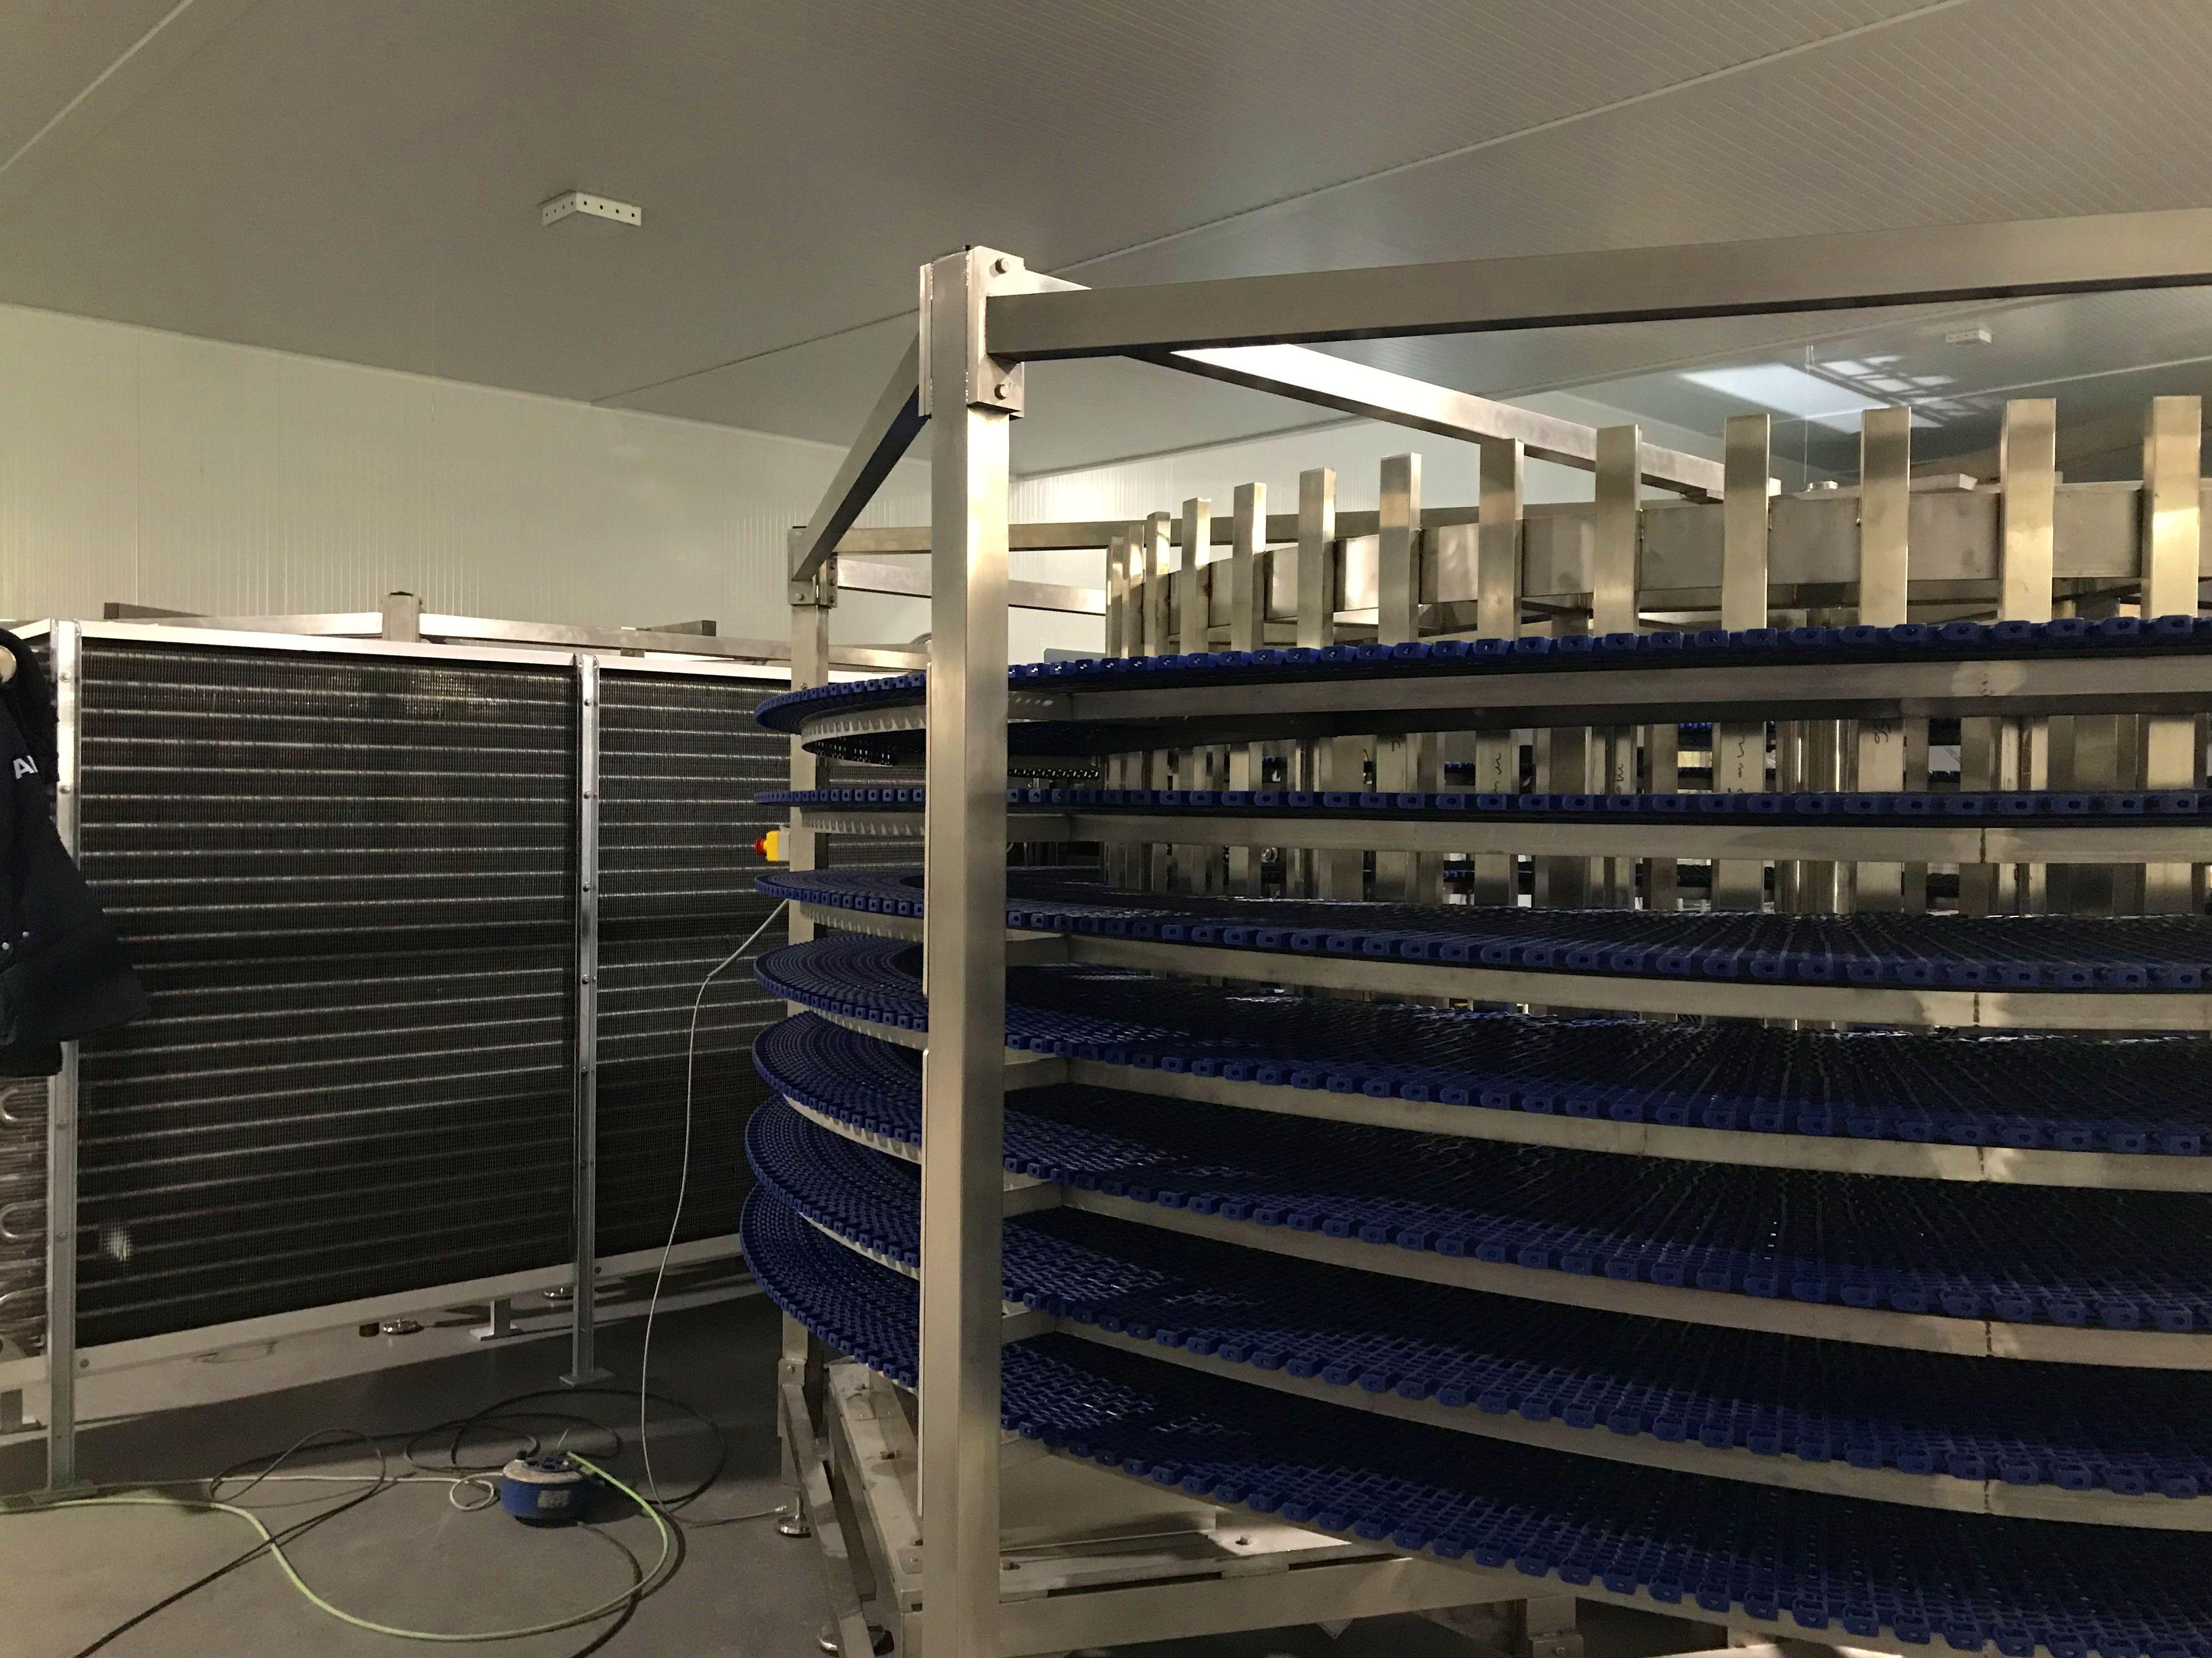 Foto 22 de Especialistas en refrigeración industrial en Alcantarilla | MH Refrigeración